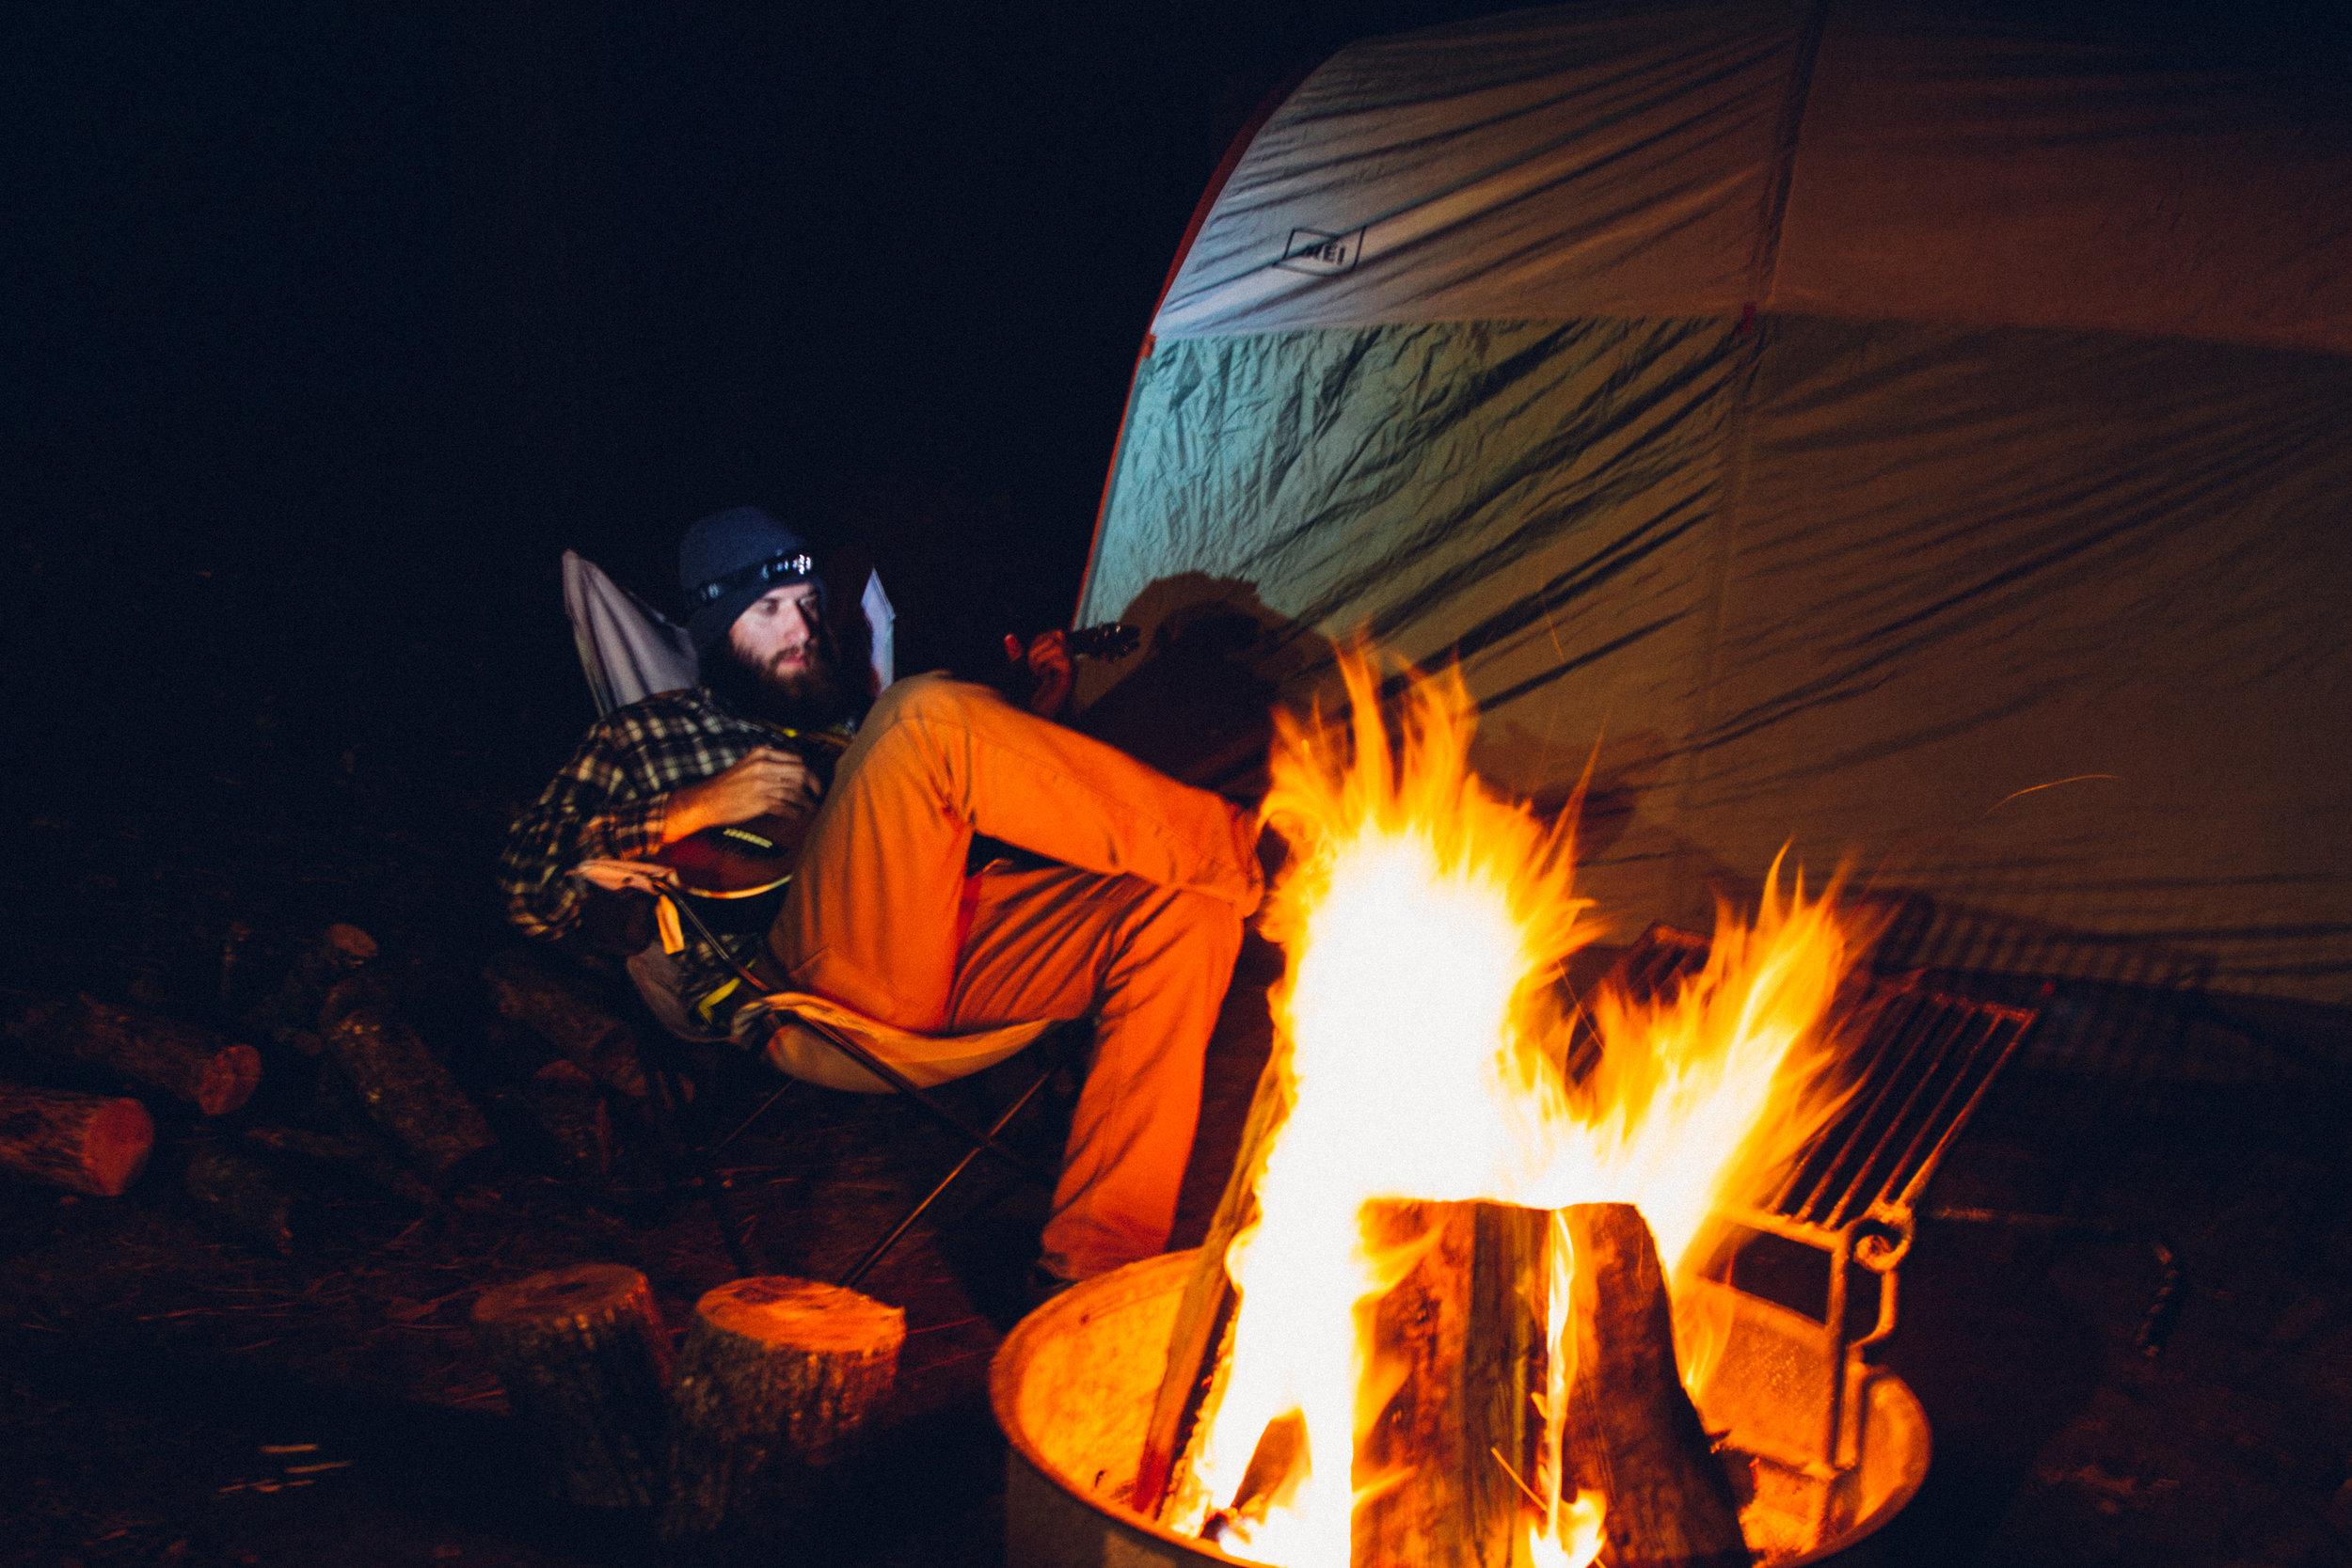 Camping at Bass Lake